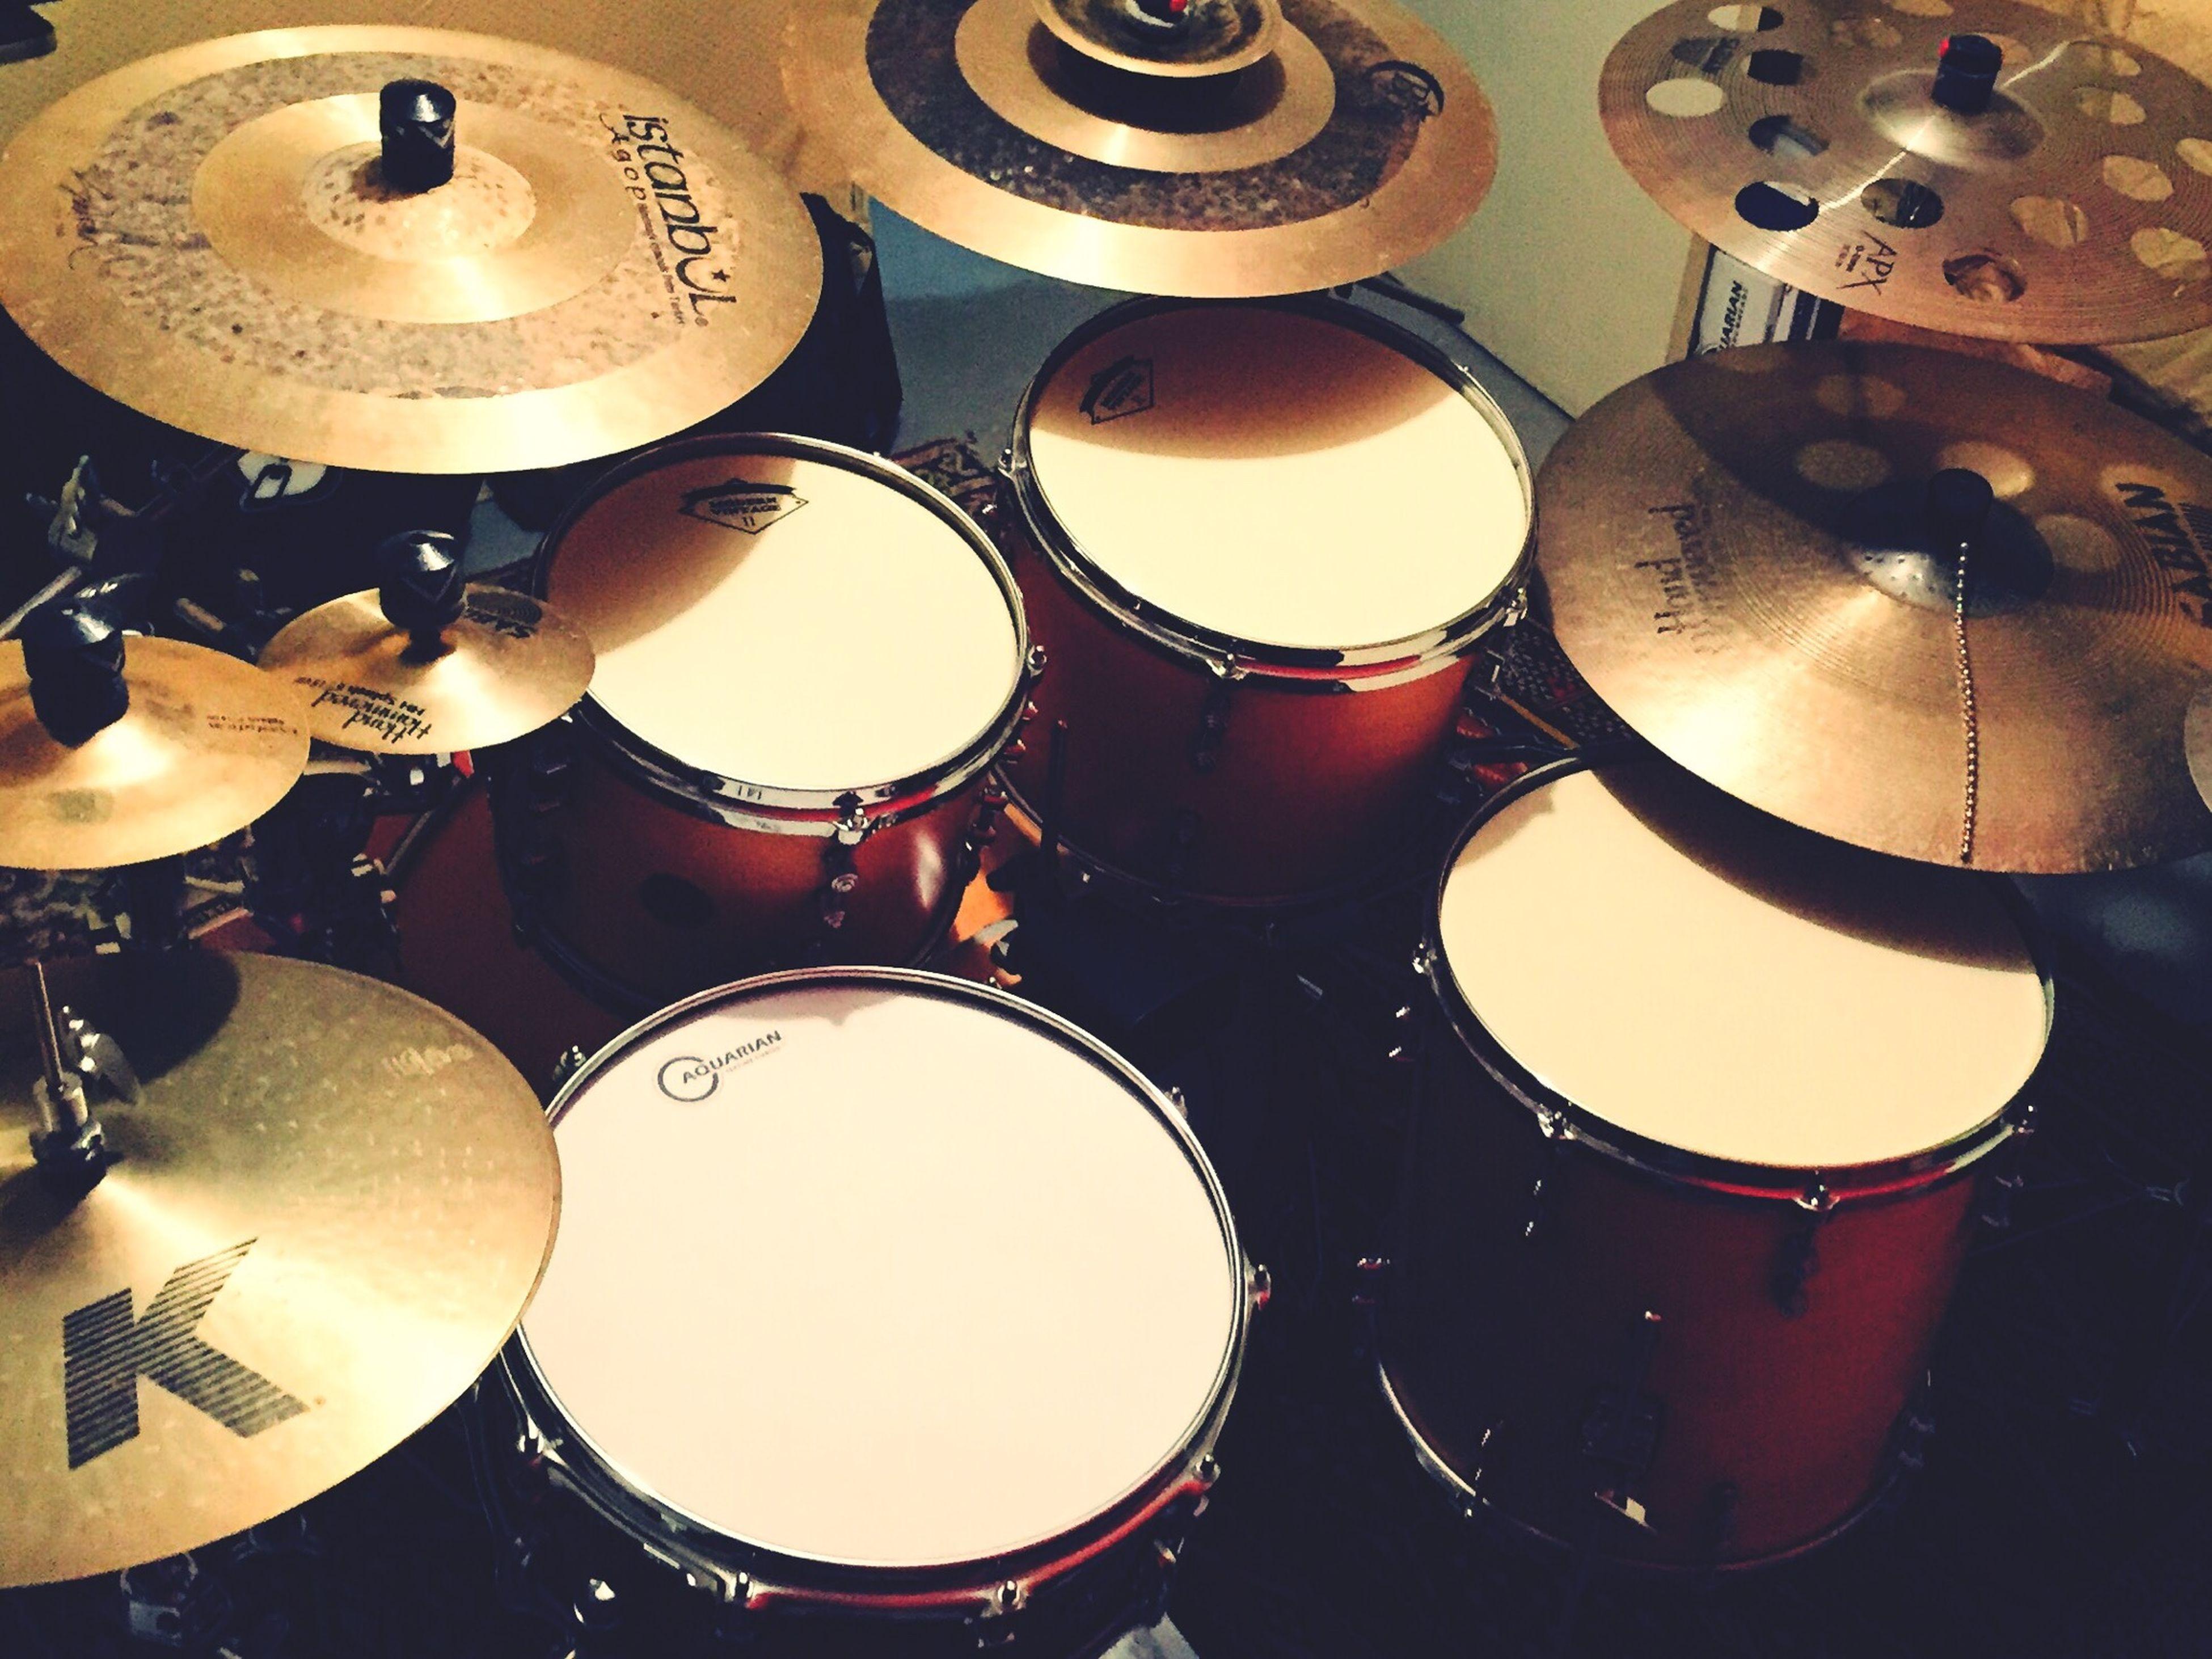 Drum Cymbals Jazz Jazz Rock